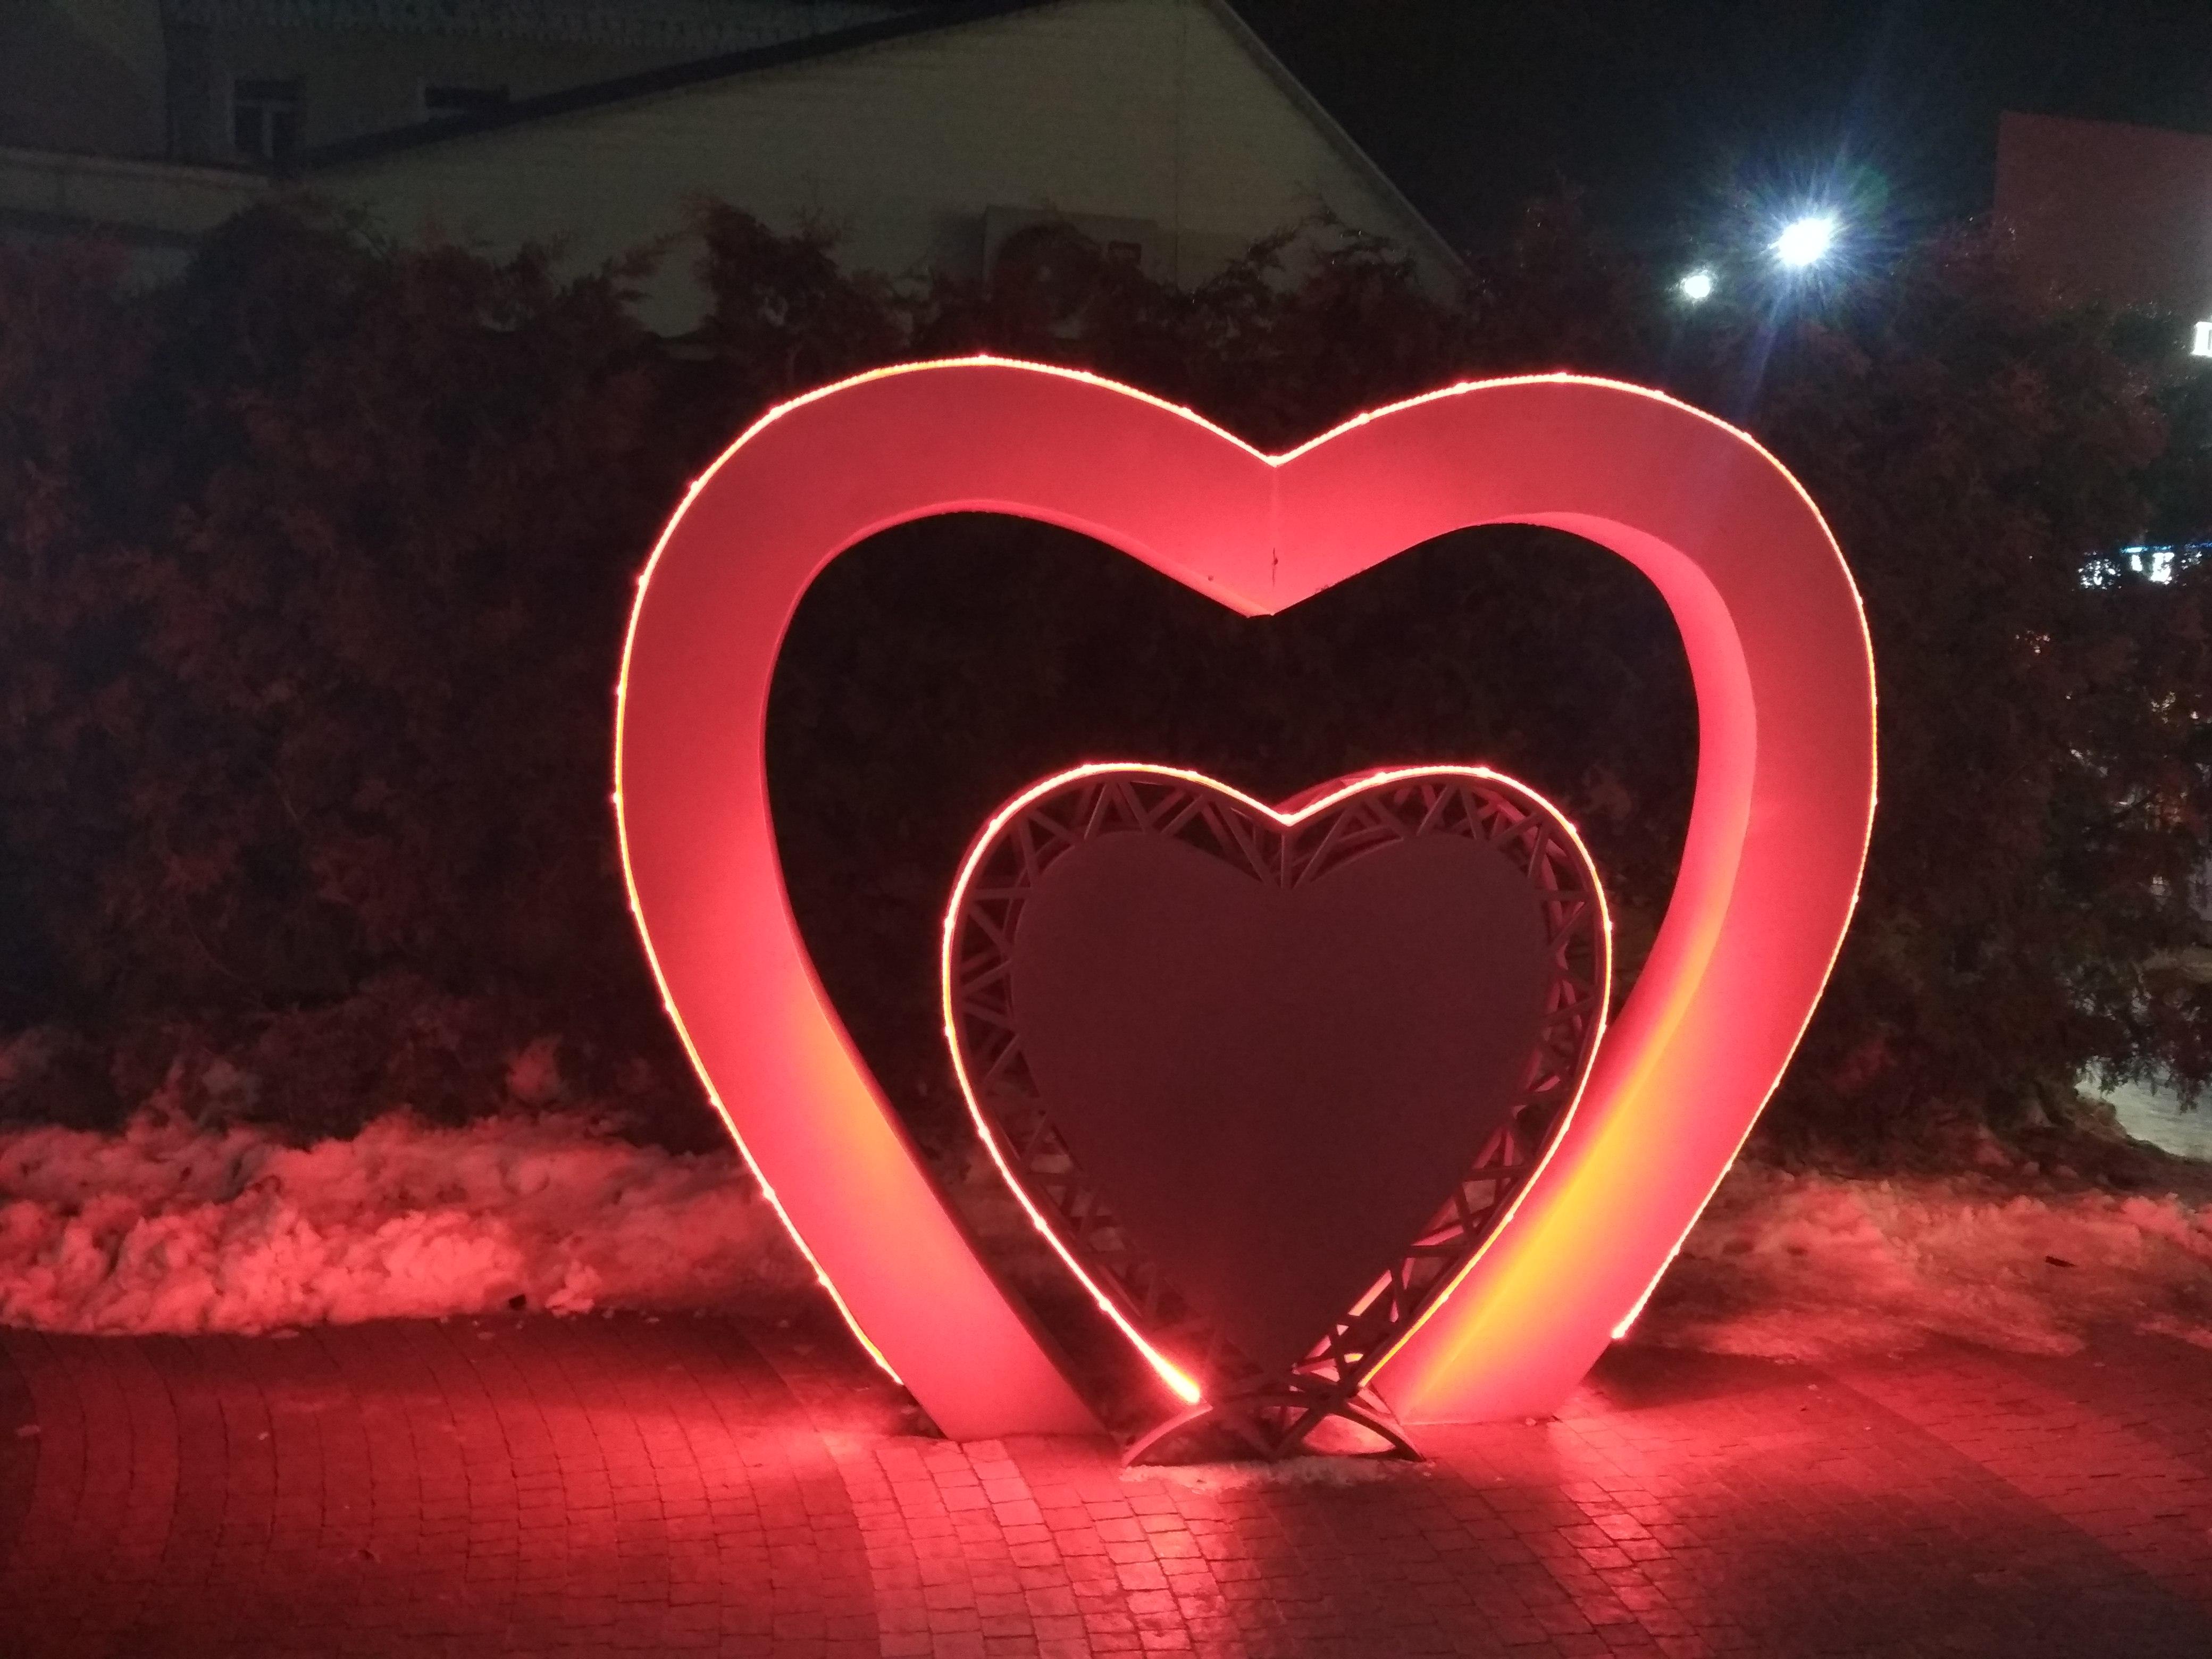 День святого Валентина у Фастові нові створені сім'ї та відзначення «золотого весілля»